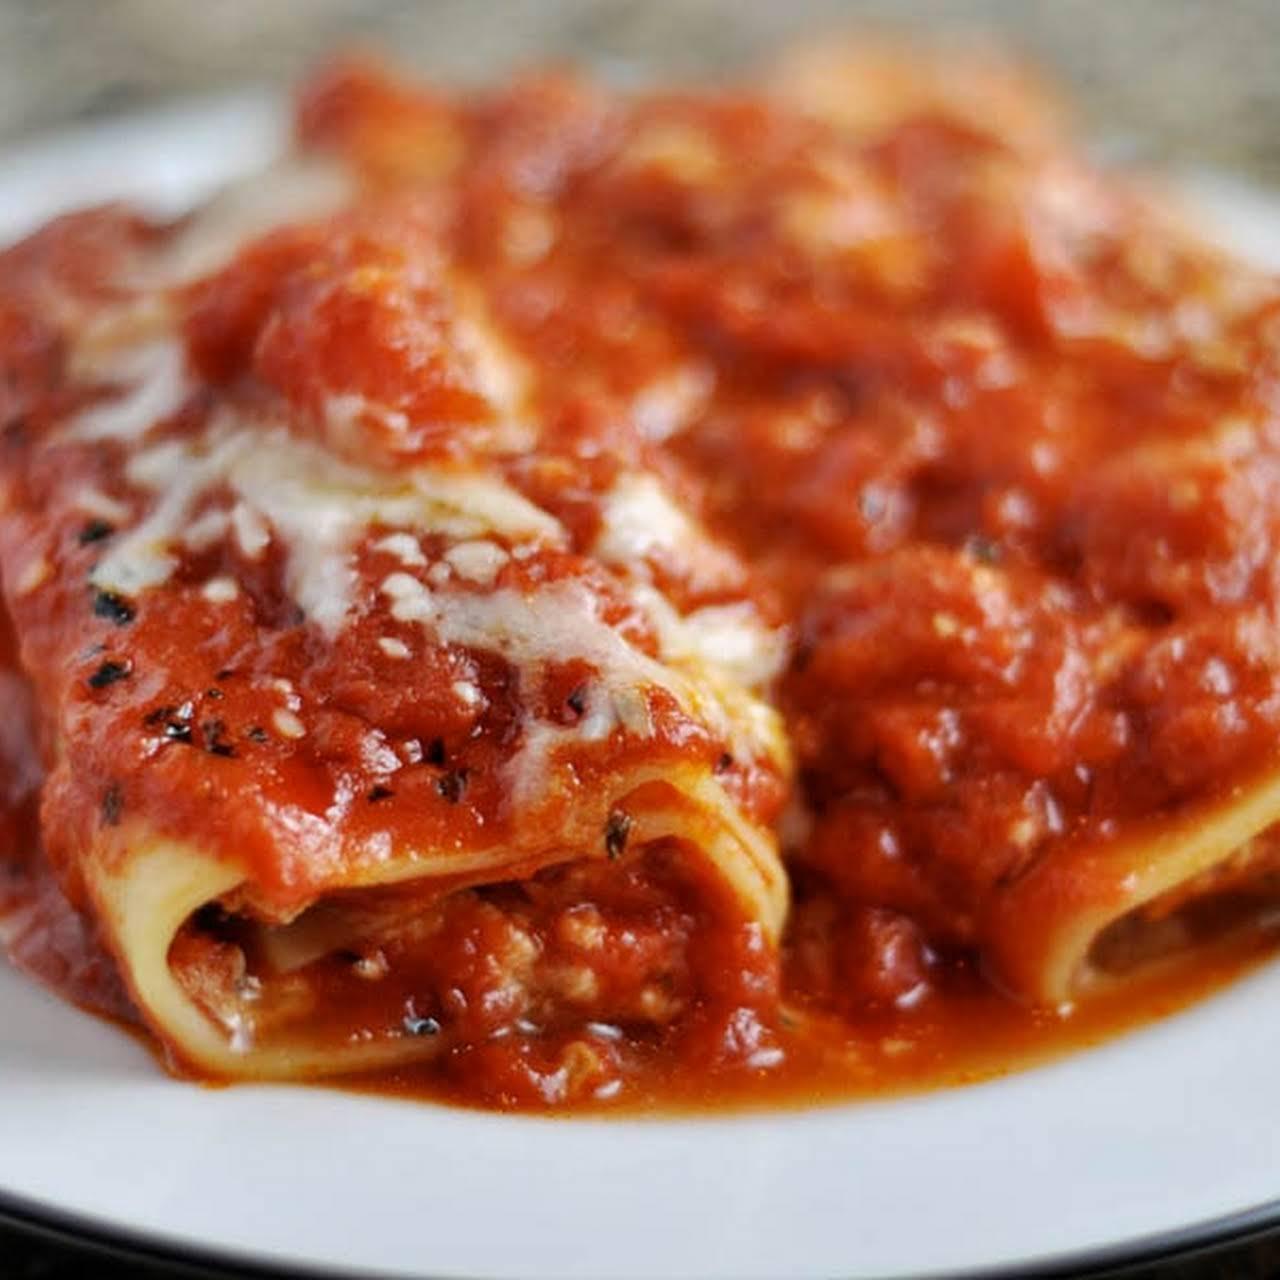 Borgatti's Manicotti  in the manner of Marinara Sauce